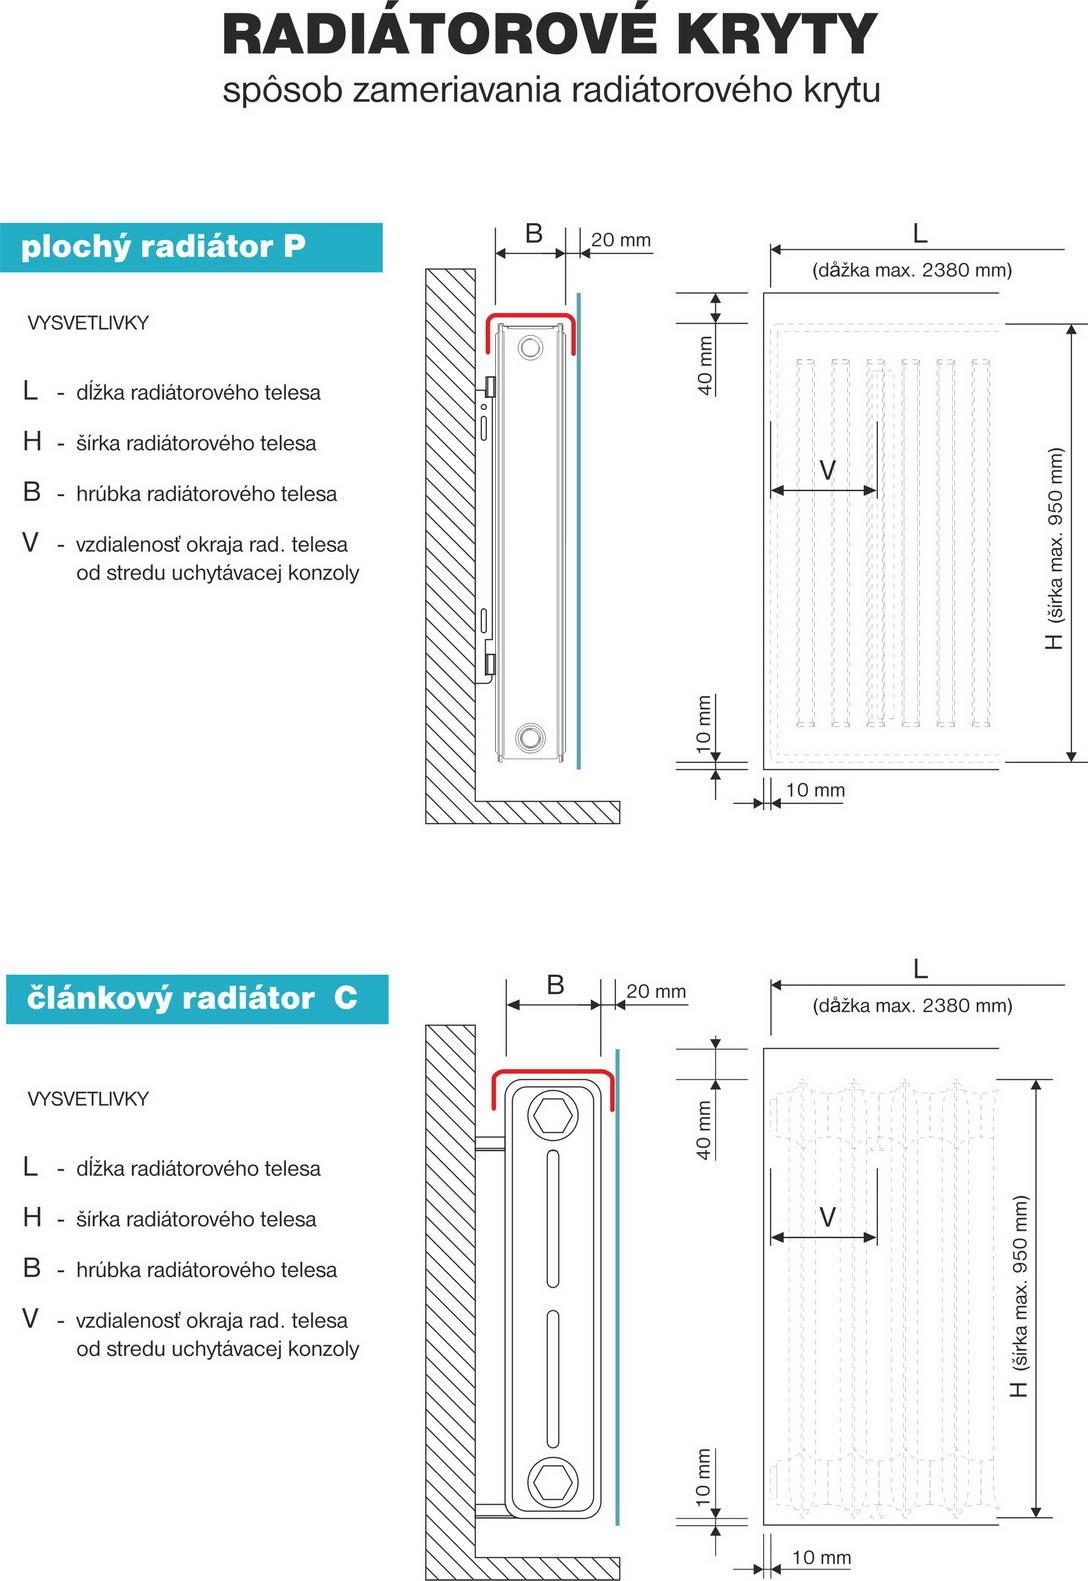 sklenené kryty radiátorov zameranie